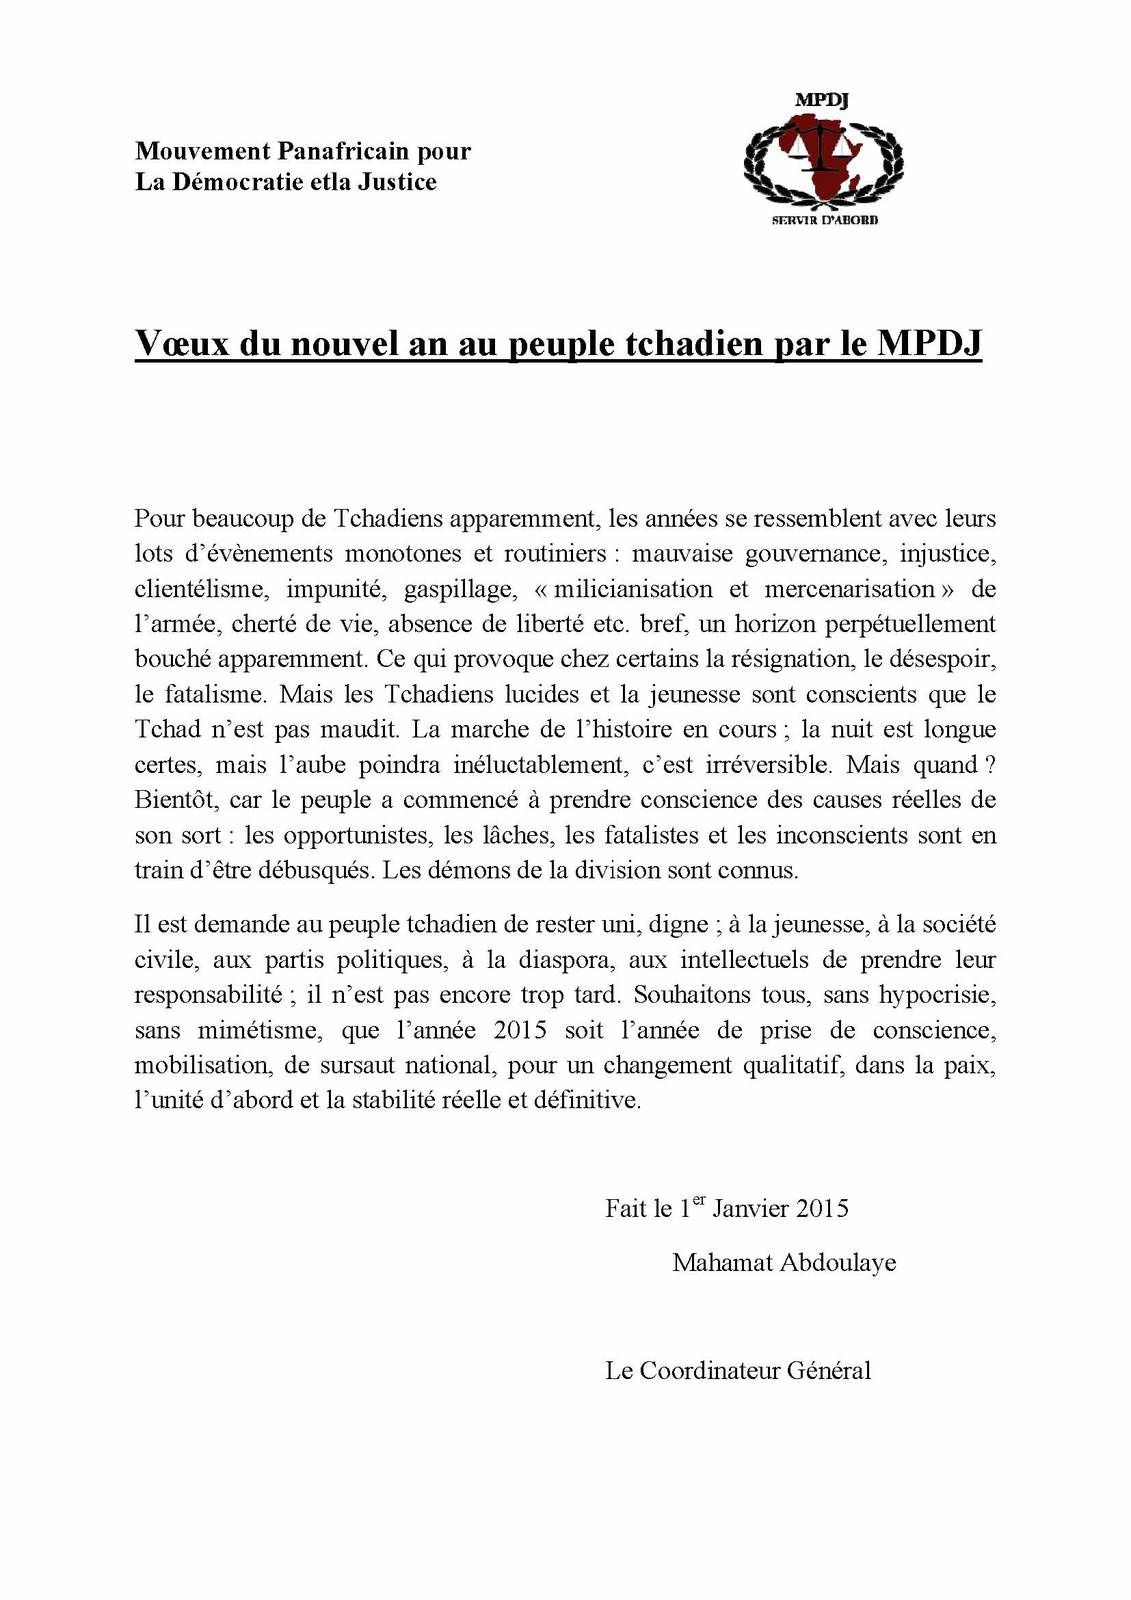 Vœux du nouvel an au peuple tchadien par le MPDJ